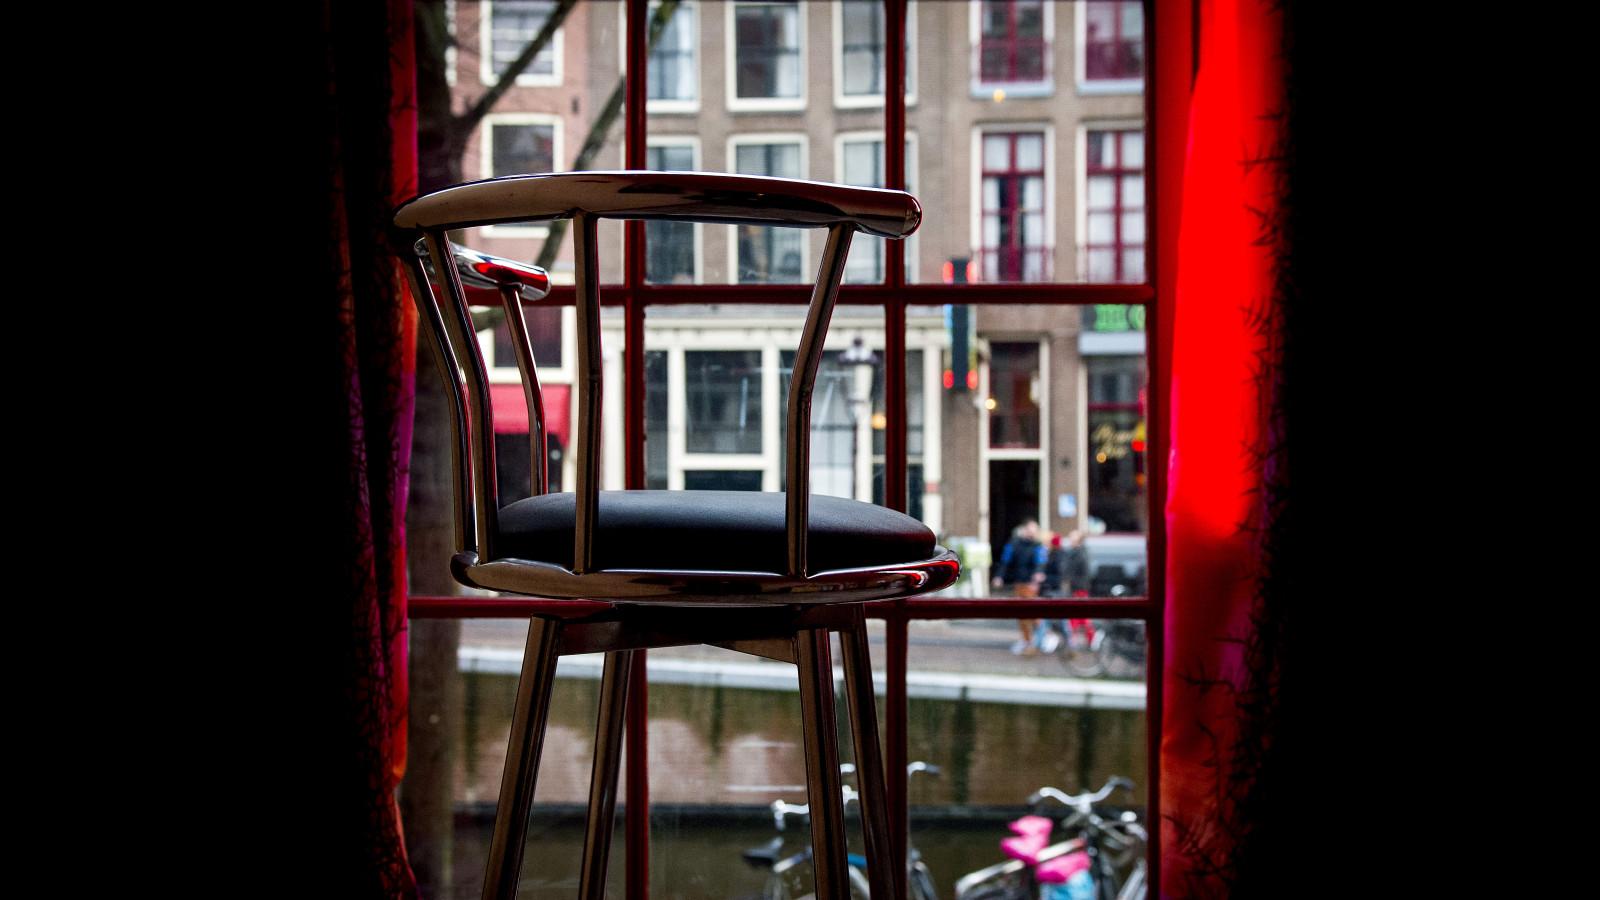 ANP/Koen van Weel